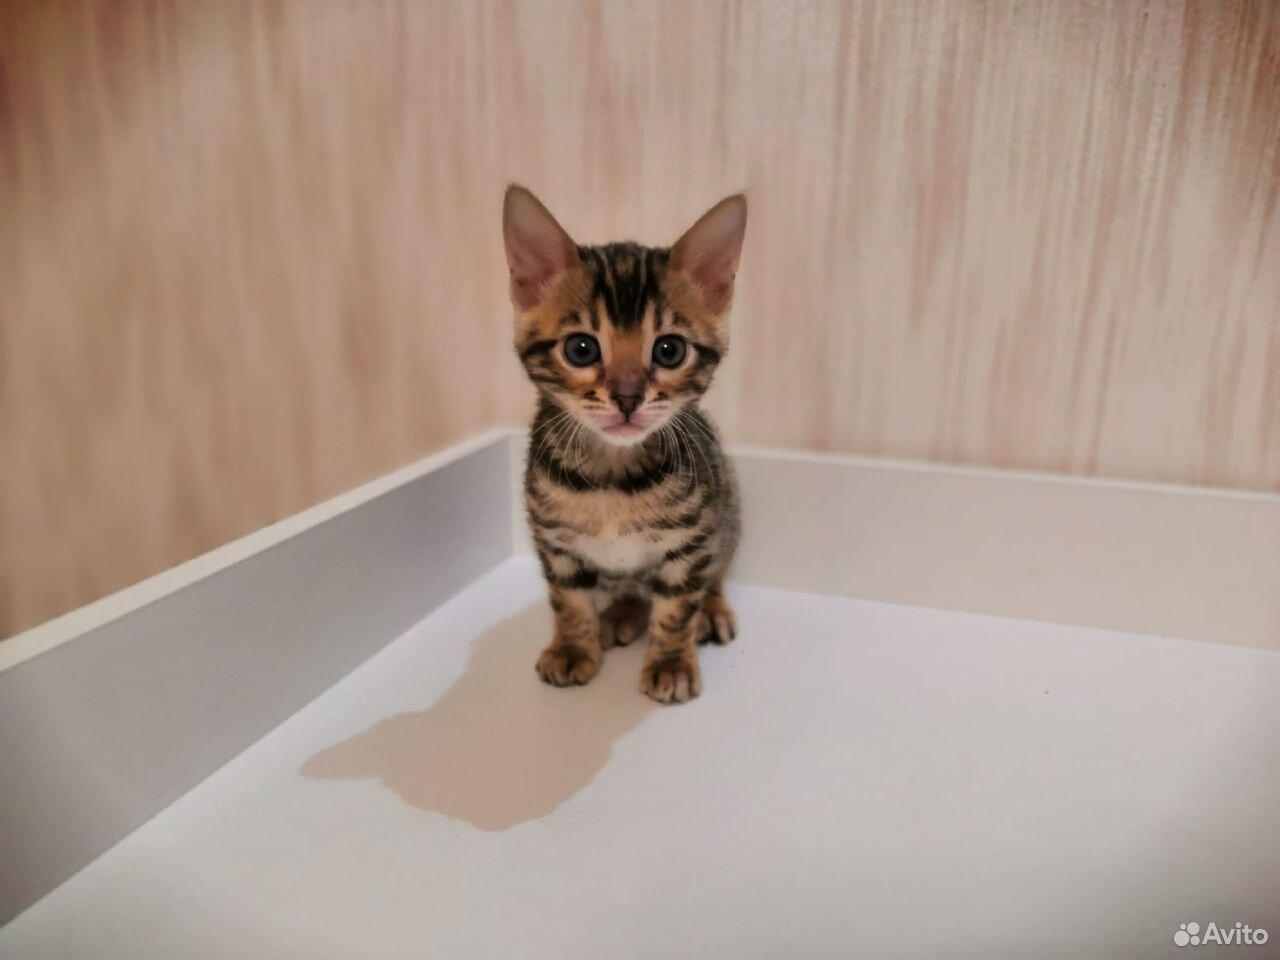 Бенгальские котята  89610262725 купить 4